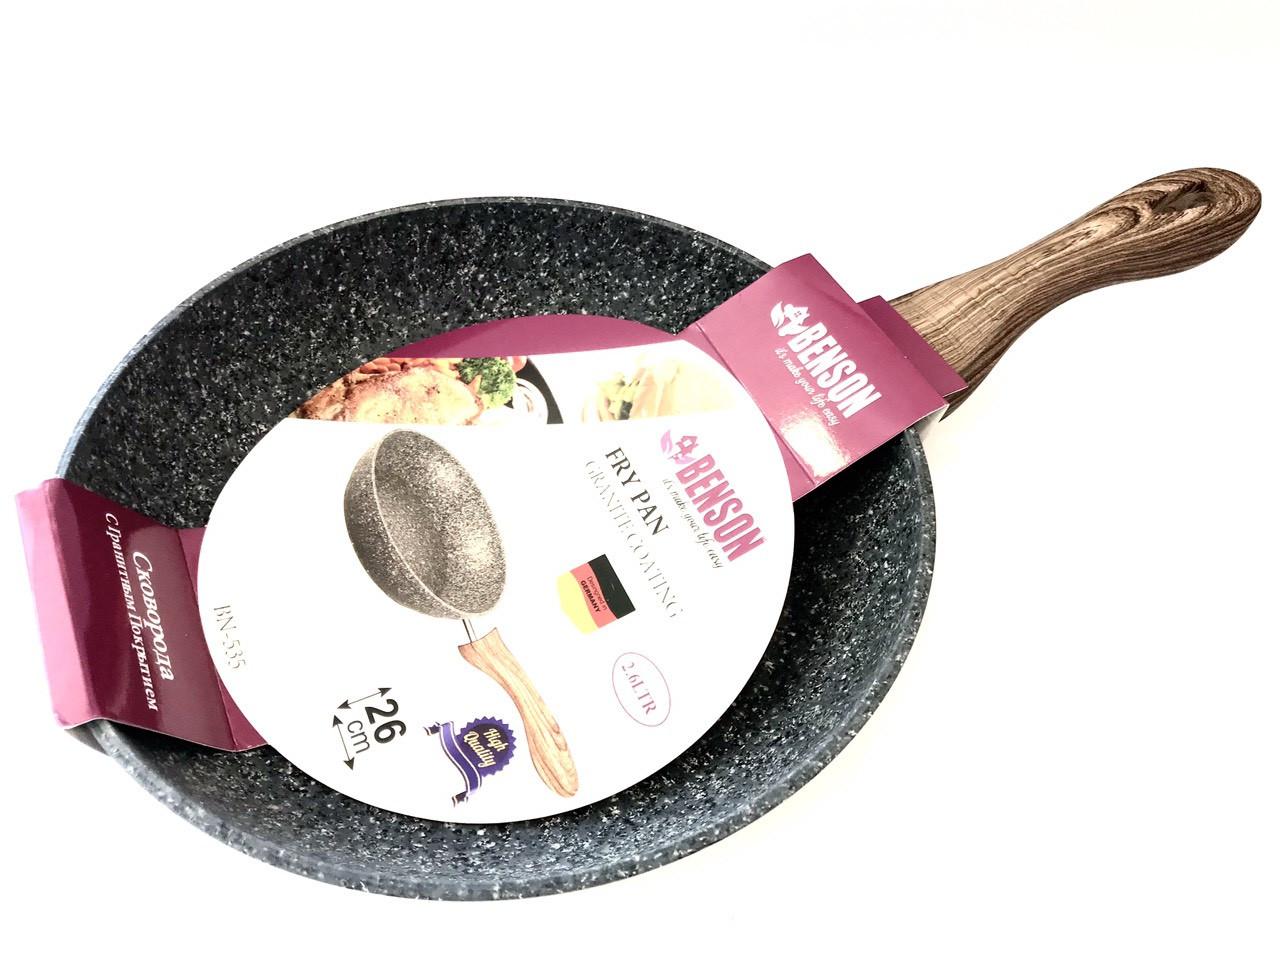 Сковорода Benson BN-535 (26 см) з антипригарним гранітним покриттям   сковорідка Бенсон, сотейник Бэнсон